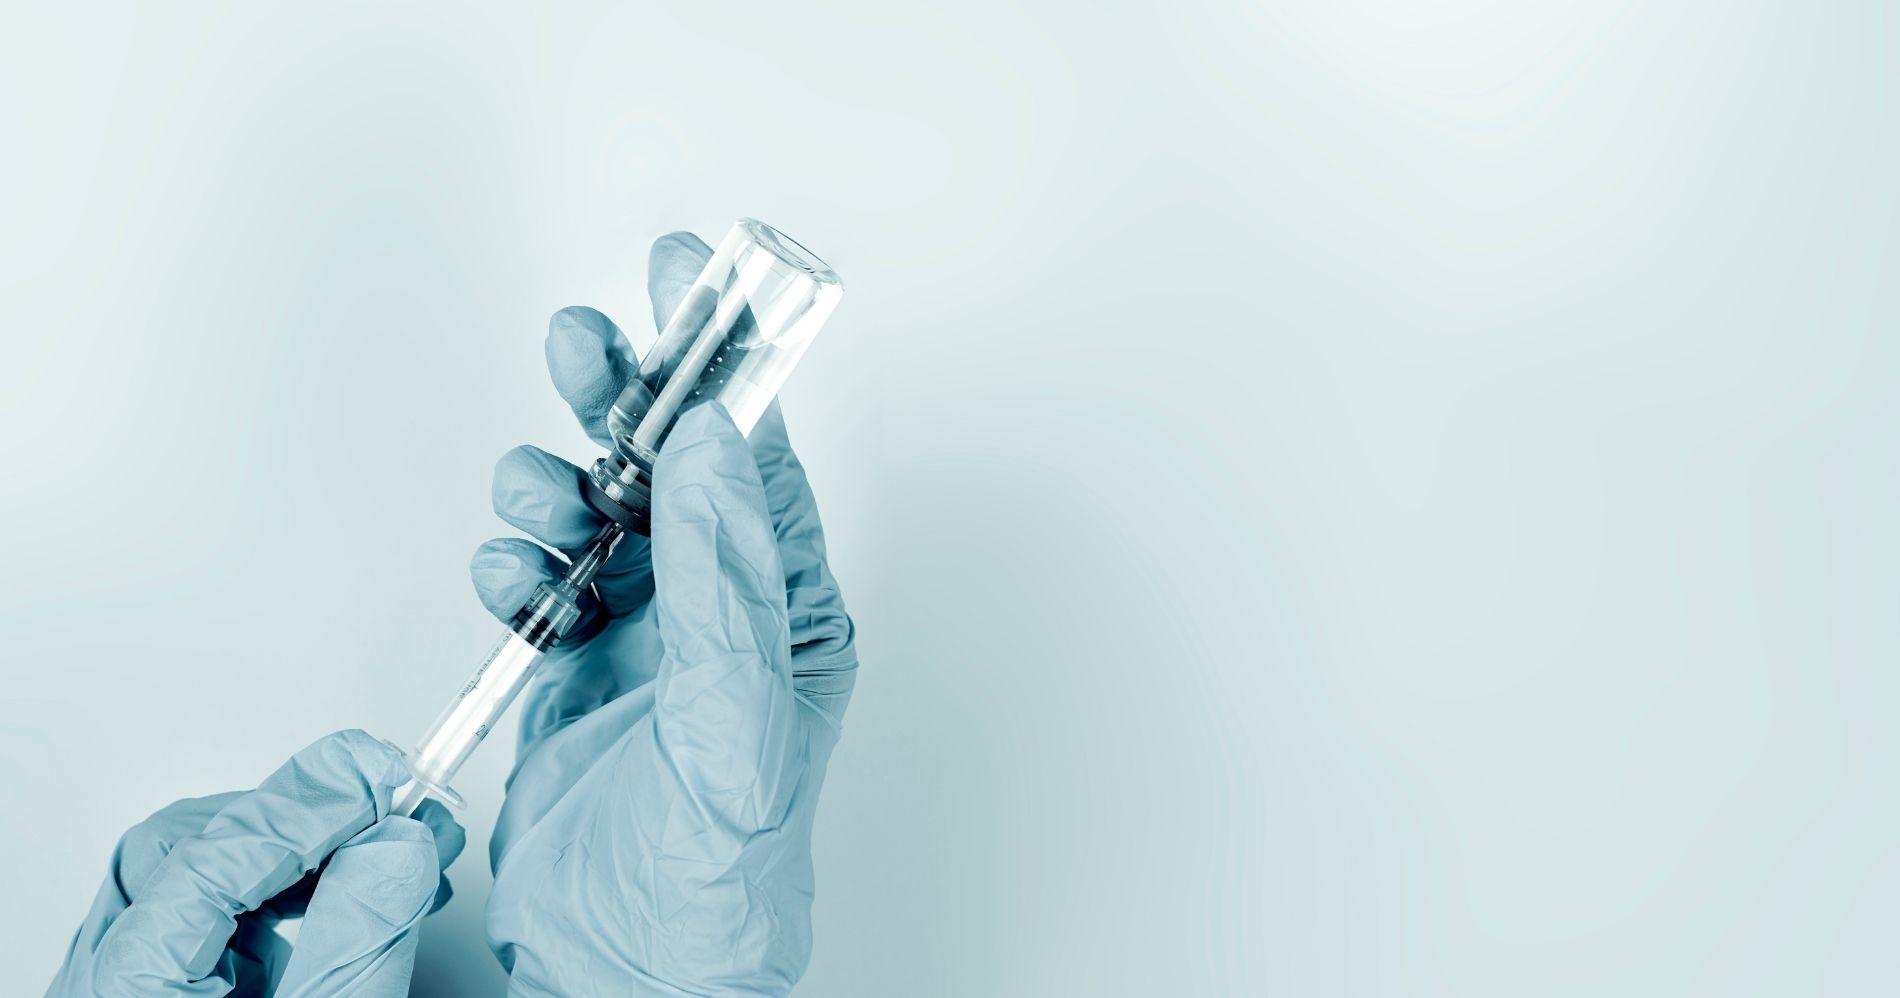 Vaccine Illustration Bisnis Muda - Canva